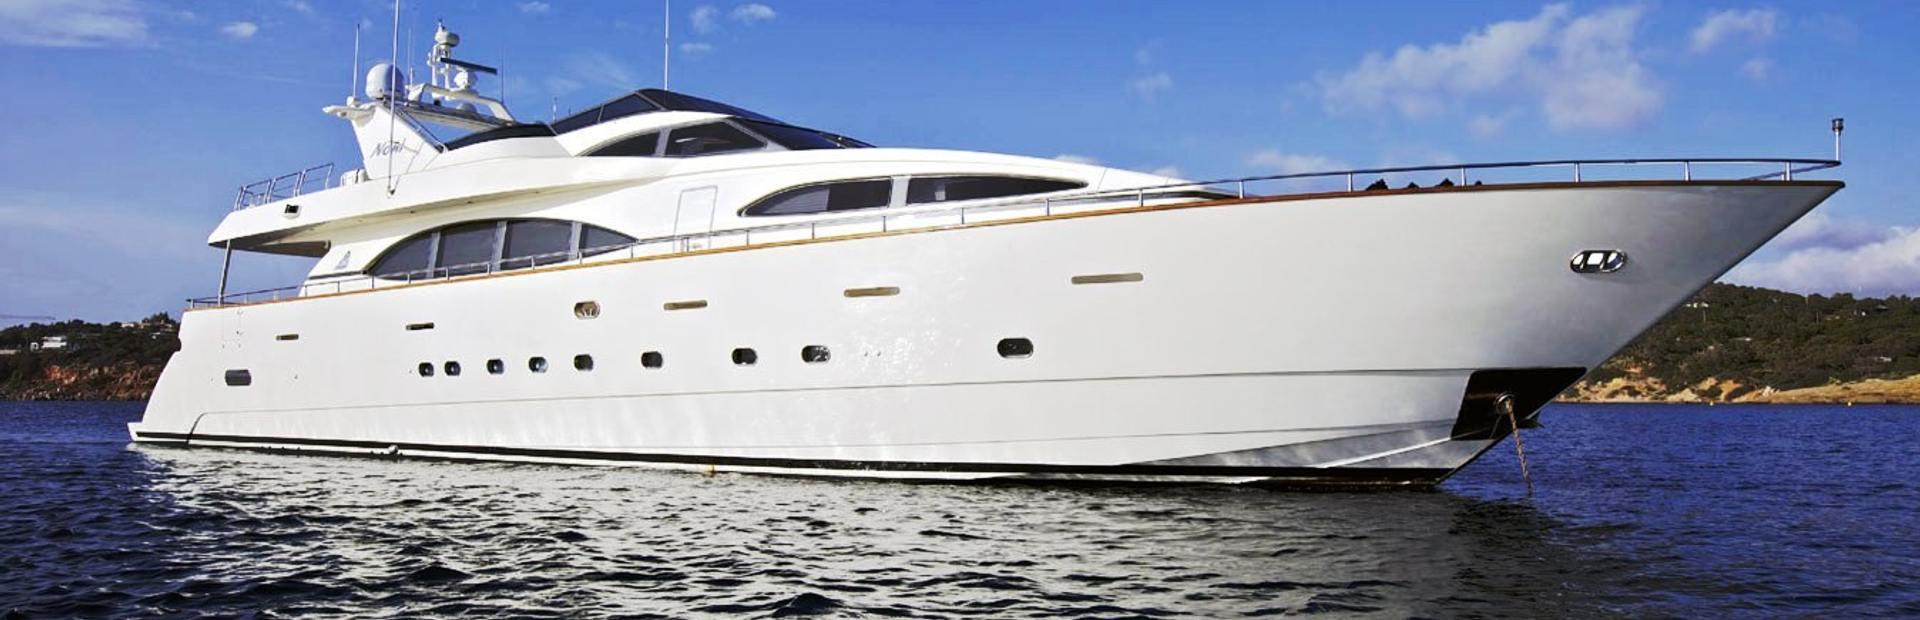 Azimut 100 Jumbo Yacht Charter